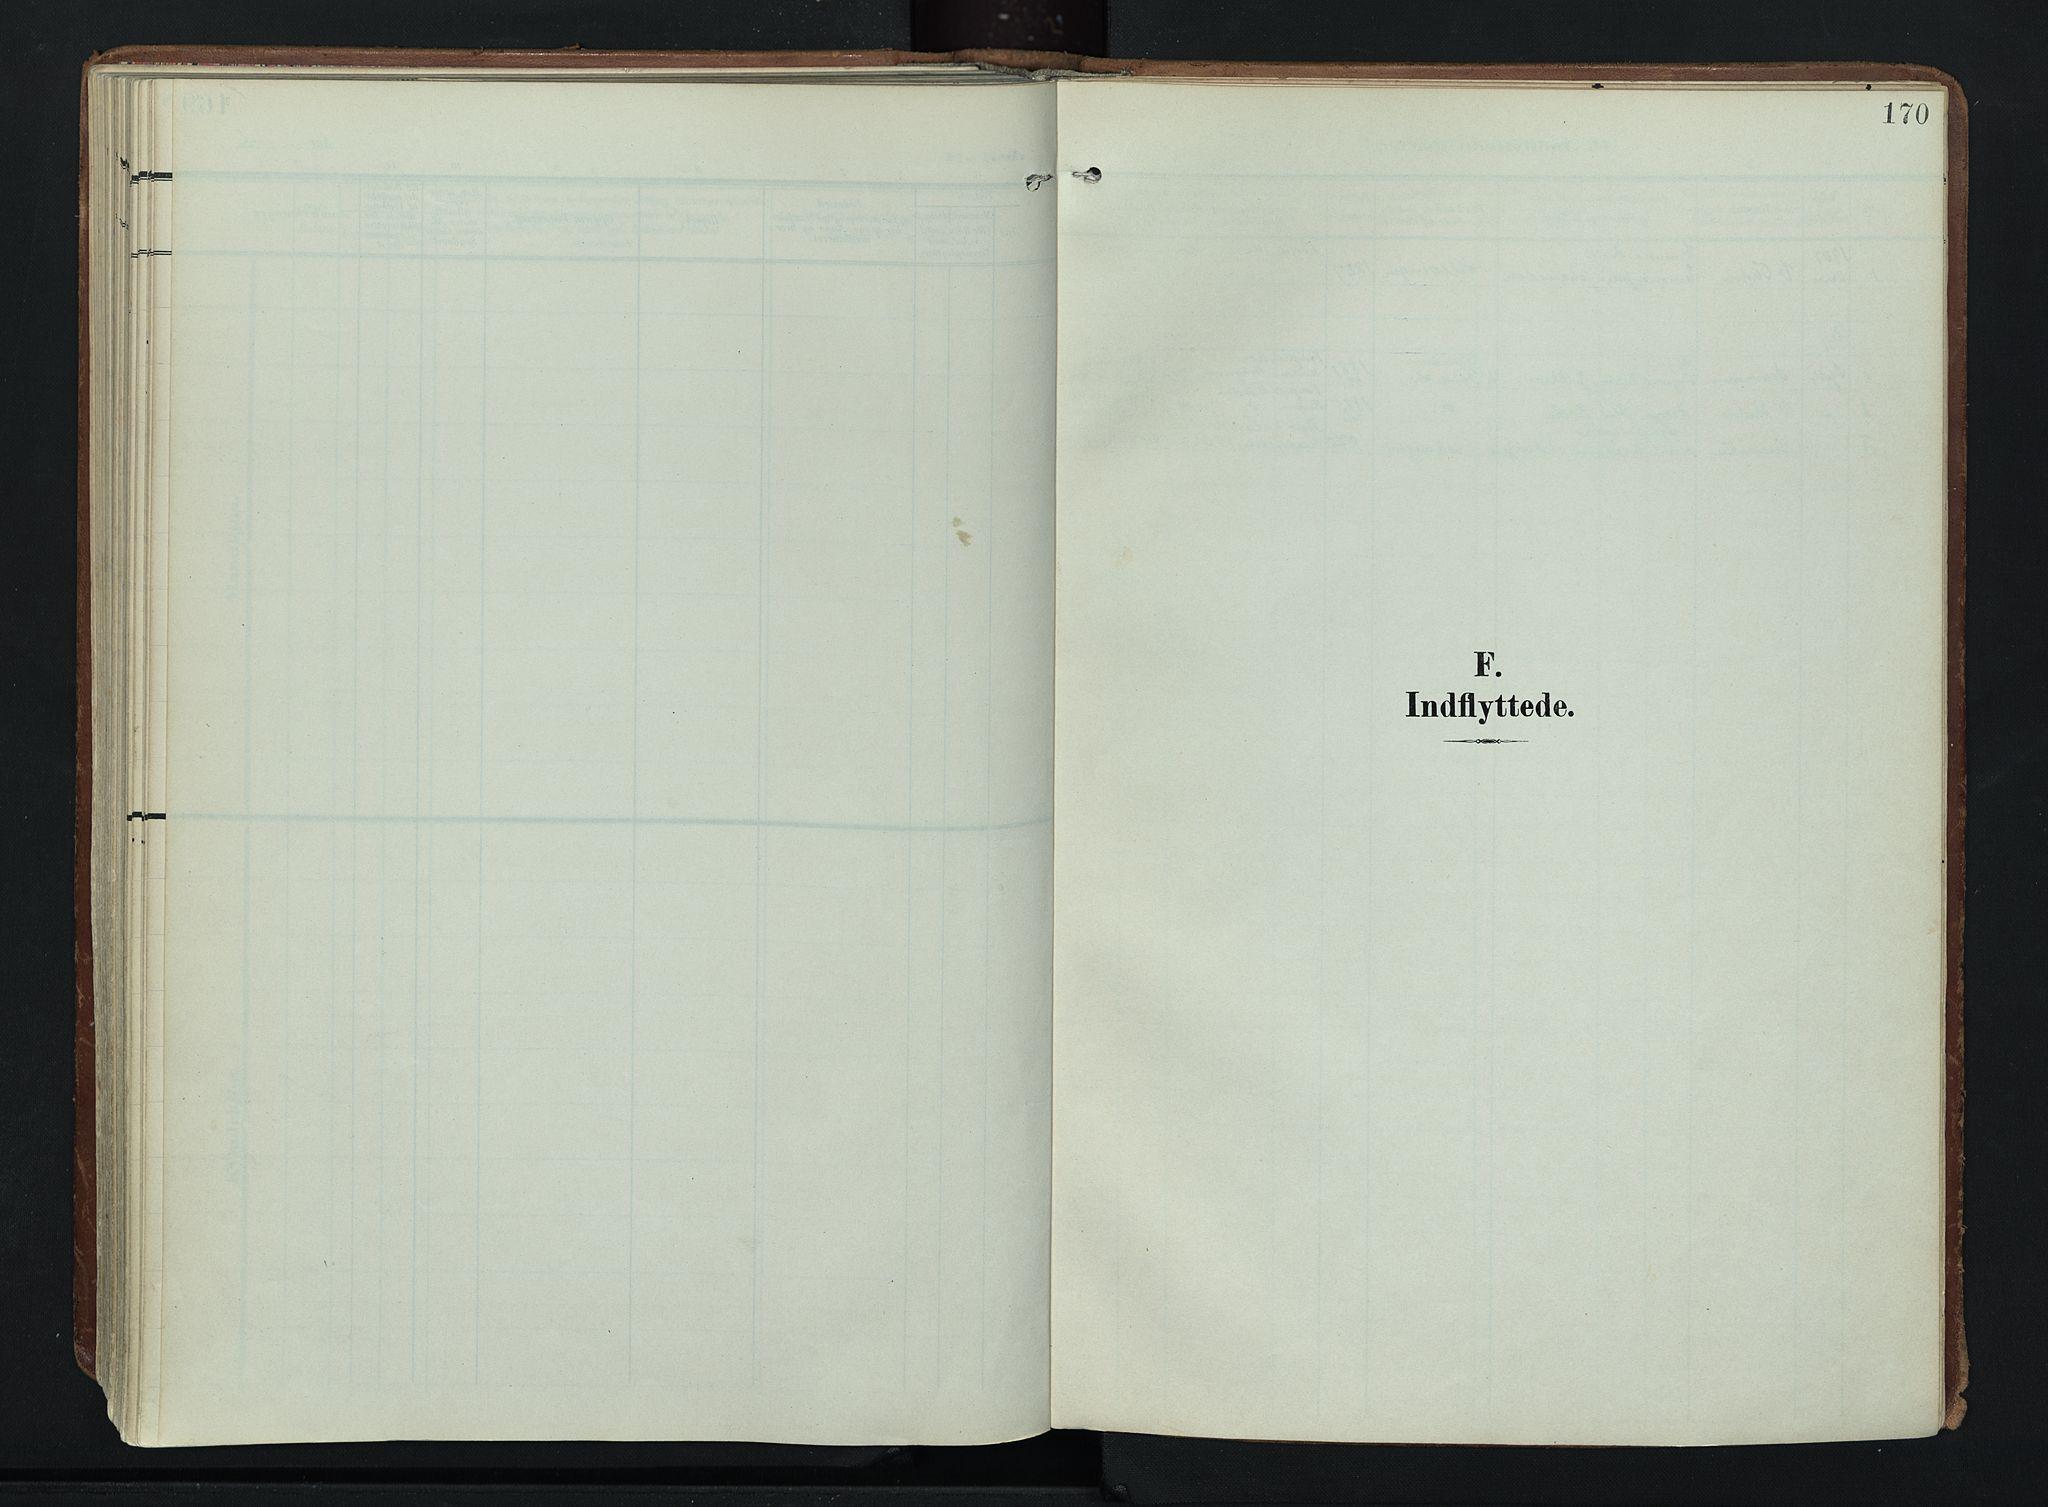 SAH, Søndre Land prestekontor, K/L0007: Ministerialbok nr. 7, 1905-1914, s. 170